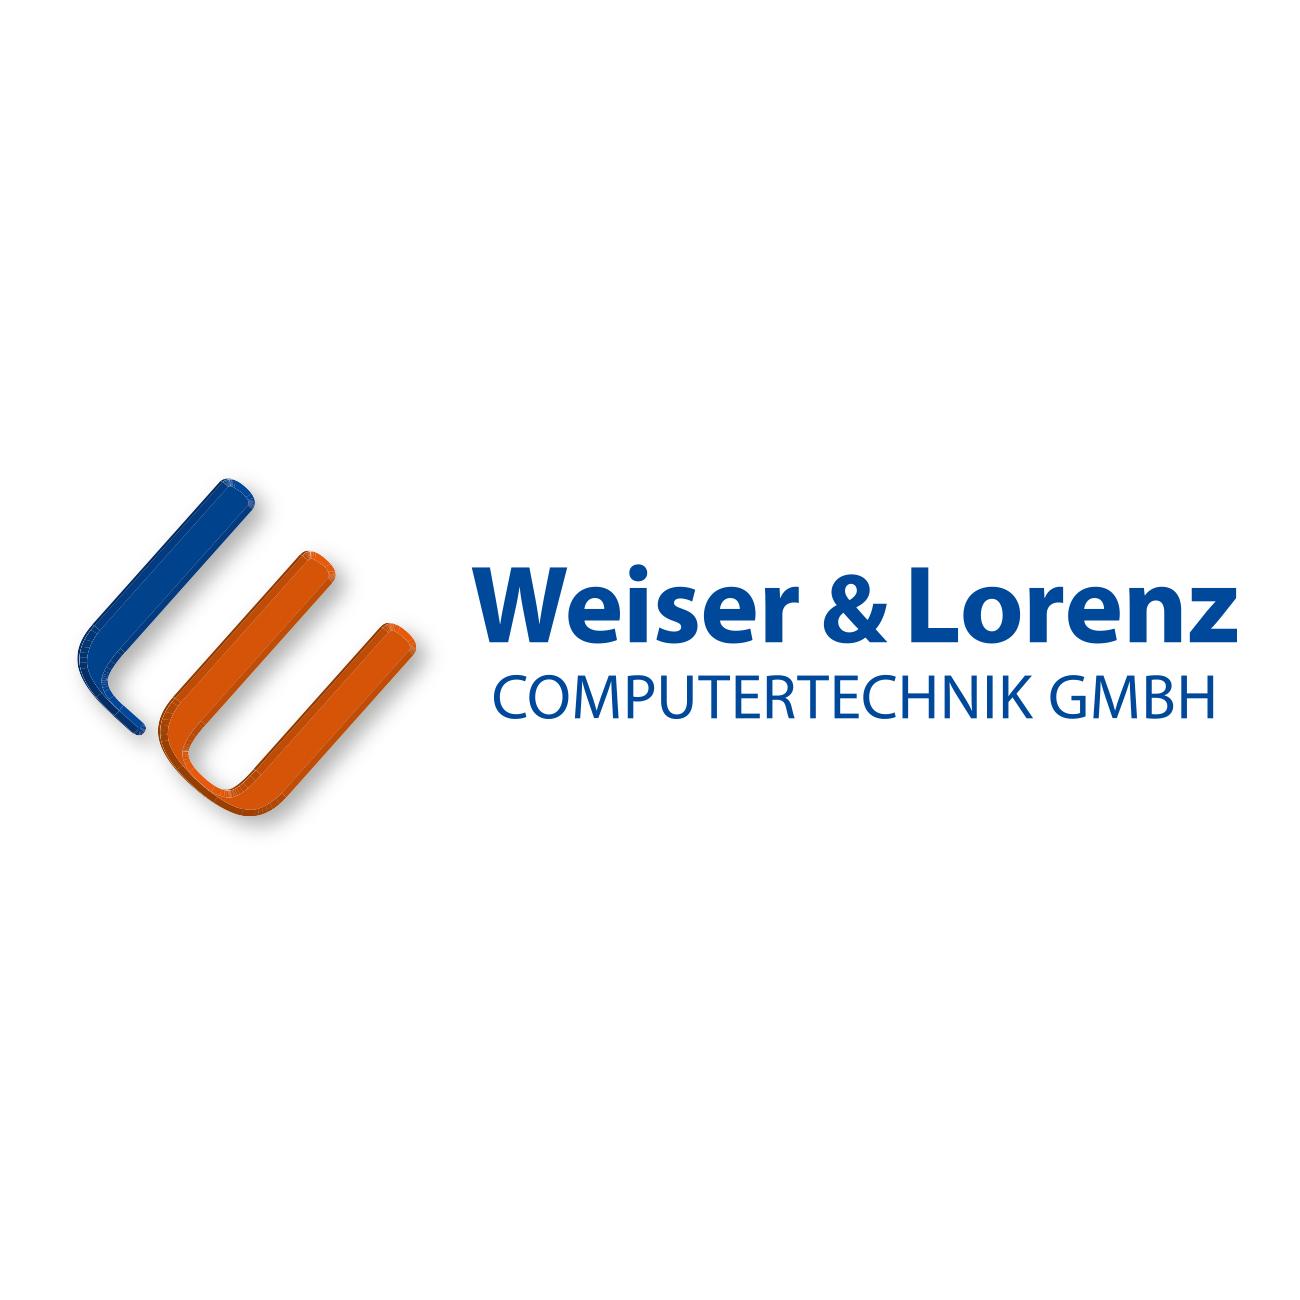 Bild zu Weiser & Lorenz Computertechnik GmbH in Zwickau